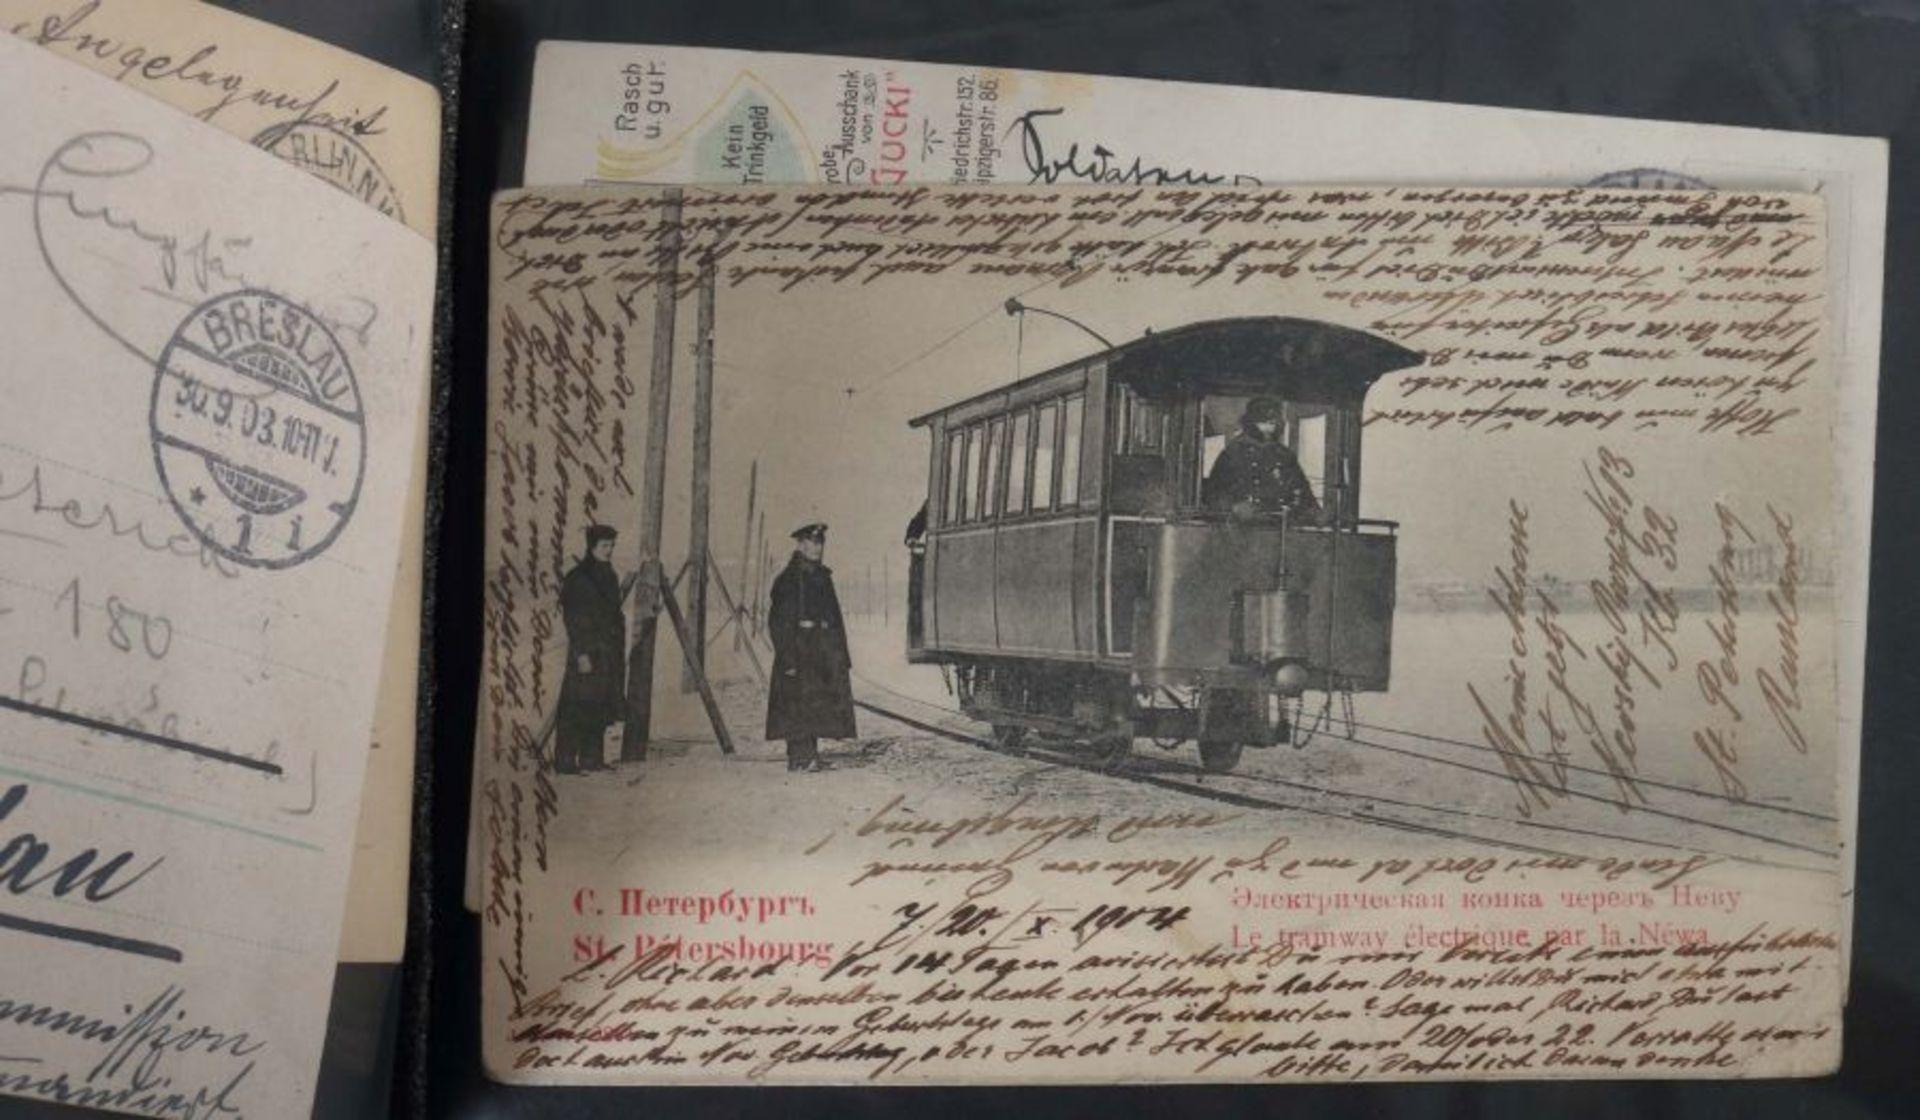 Kleine Postkarten-Sammlung mit ca. 10 handgeschriebenen Briefen um ca. 1900, ca. 55 Postkarten - Bild 6 aus 7